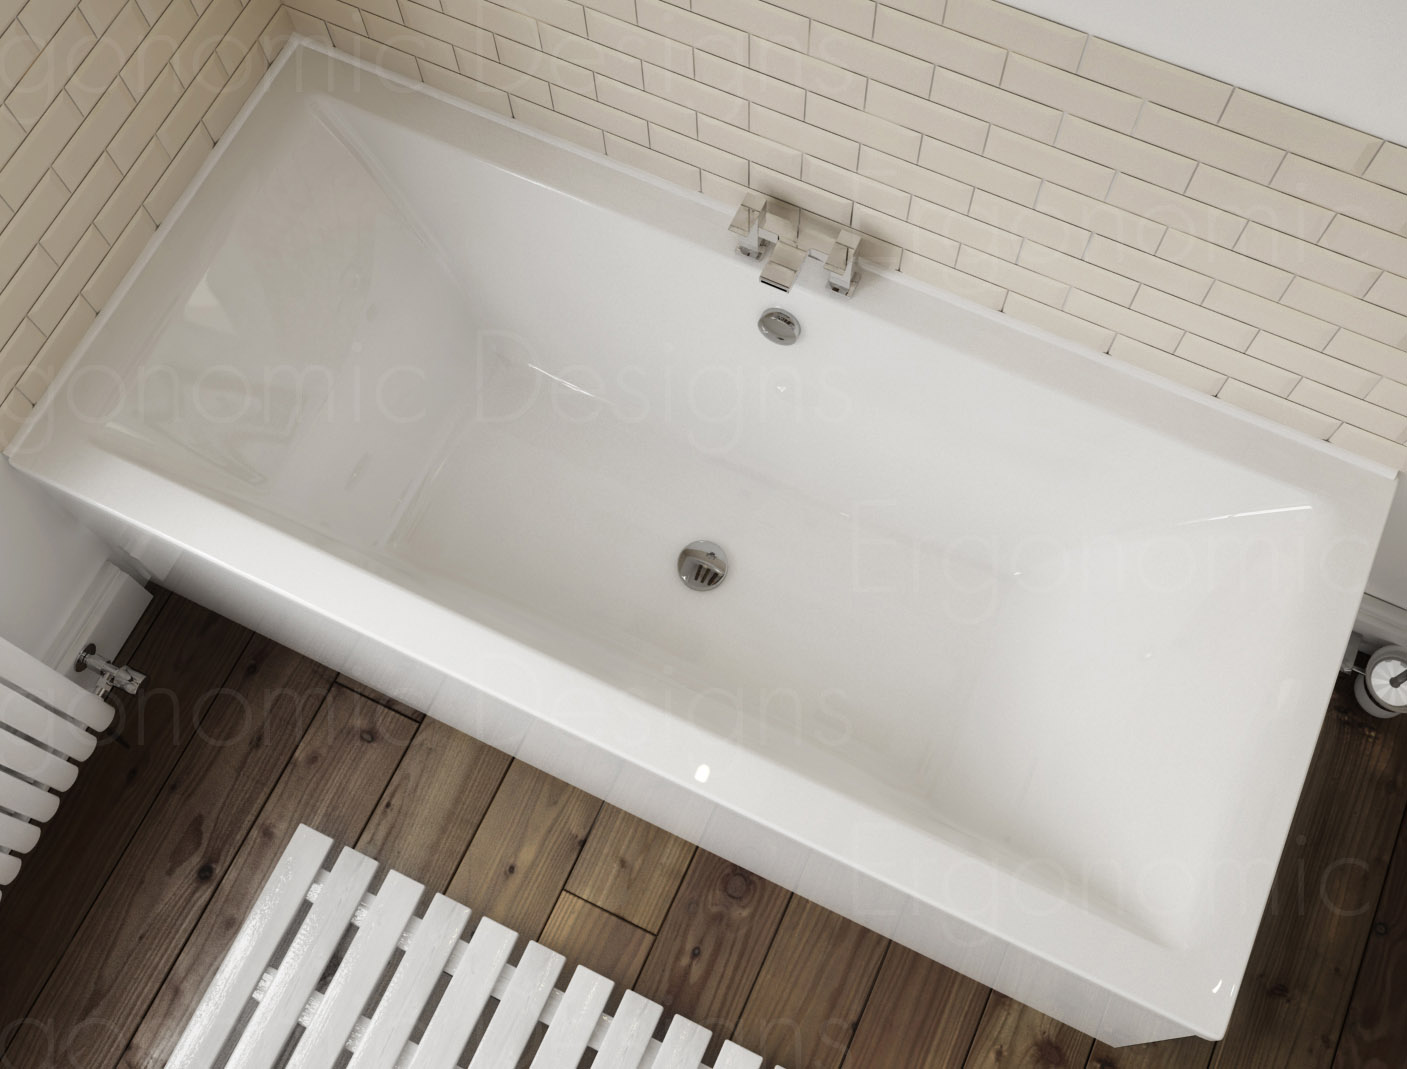 1700 x 750 Straight Standard Bath Modern Bathroom Acrylic Square ...